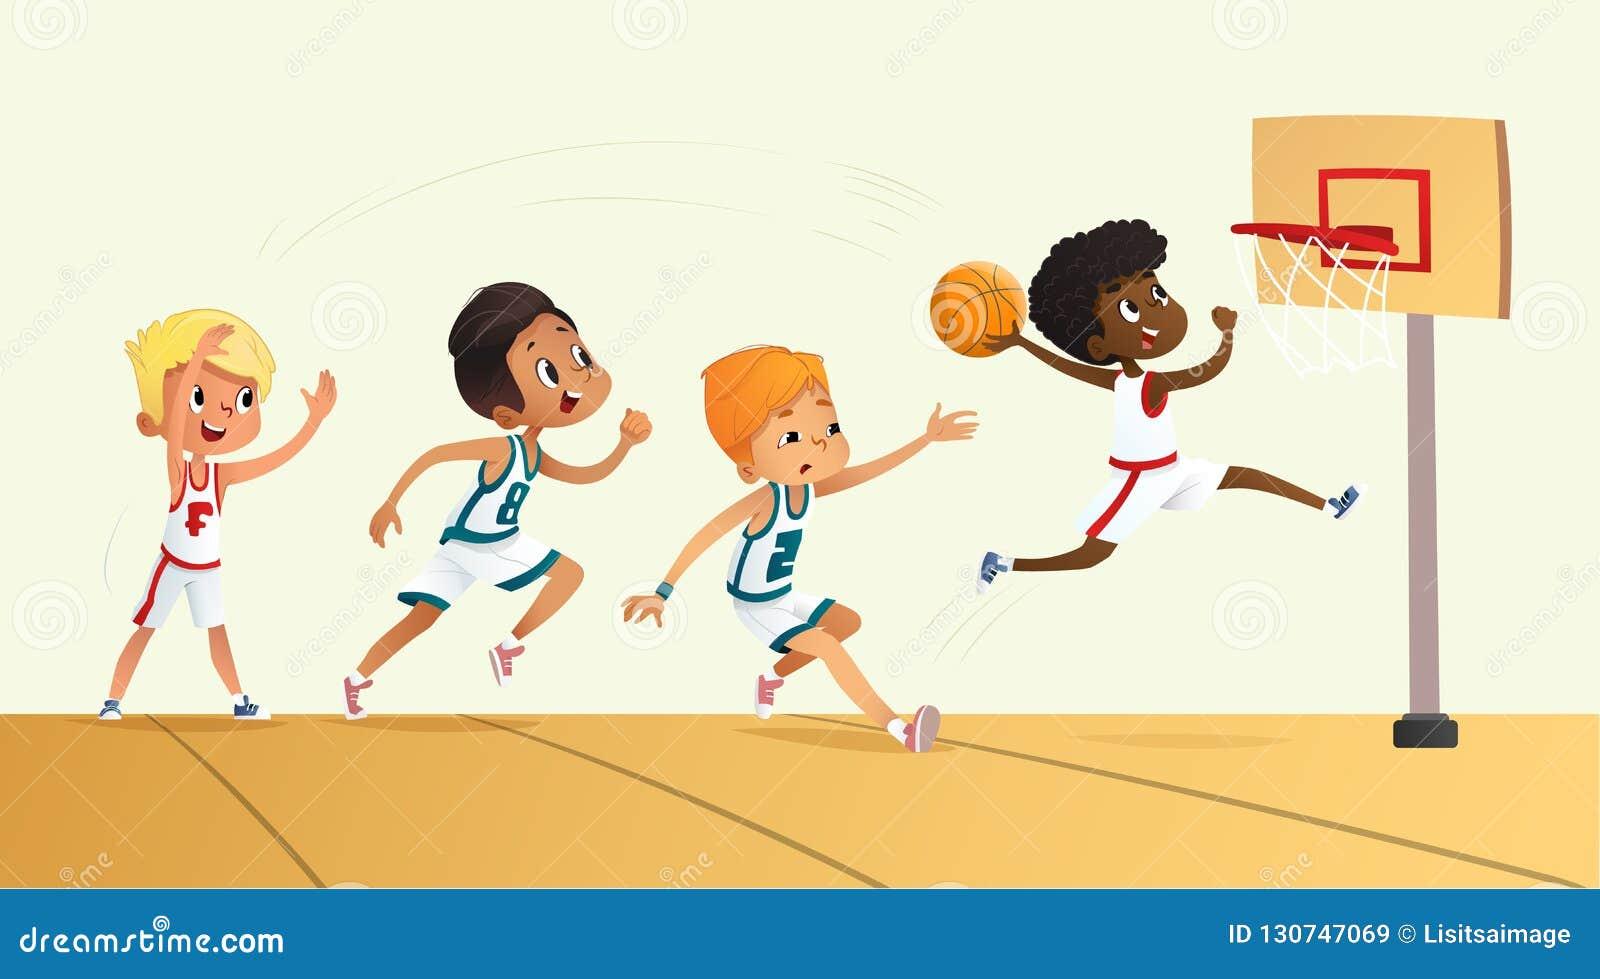 Wektorowa ilustracja dzieciaki Bawić się koszykówkę Drużynowa Bawić się gra Drużynowa rywalizacja